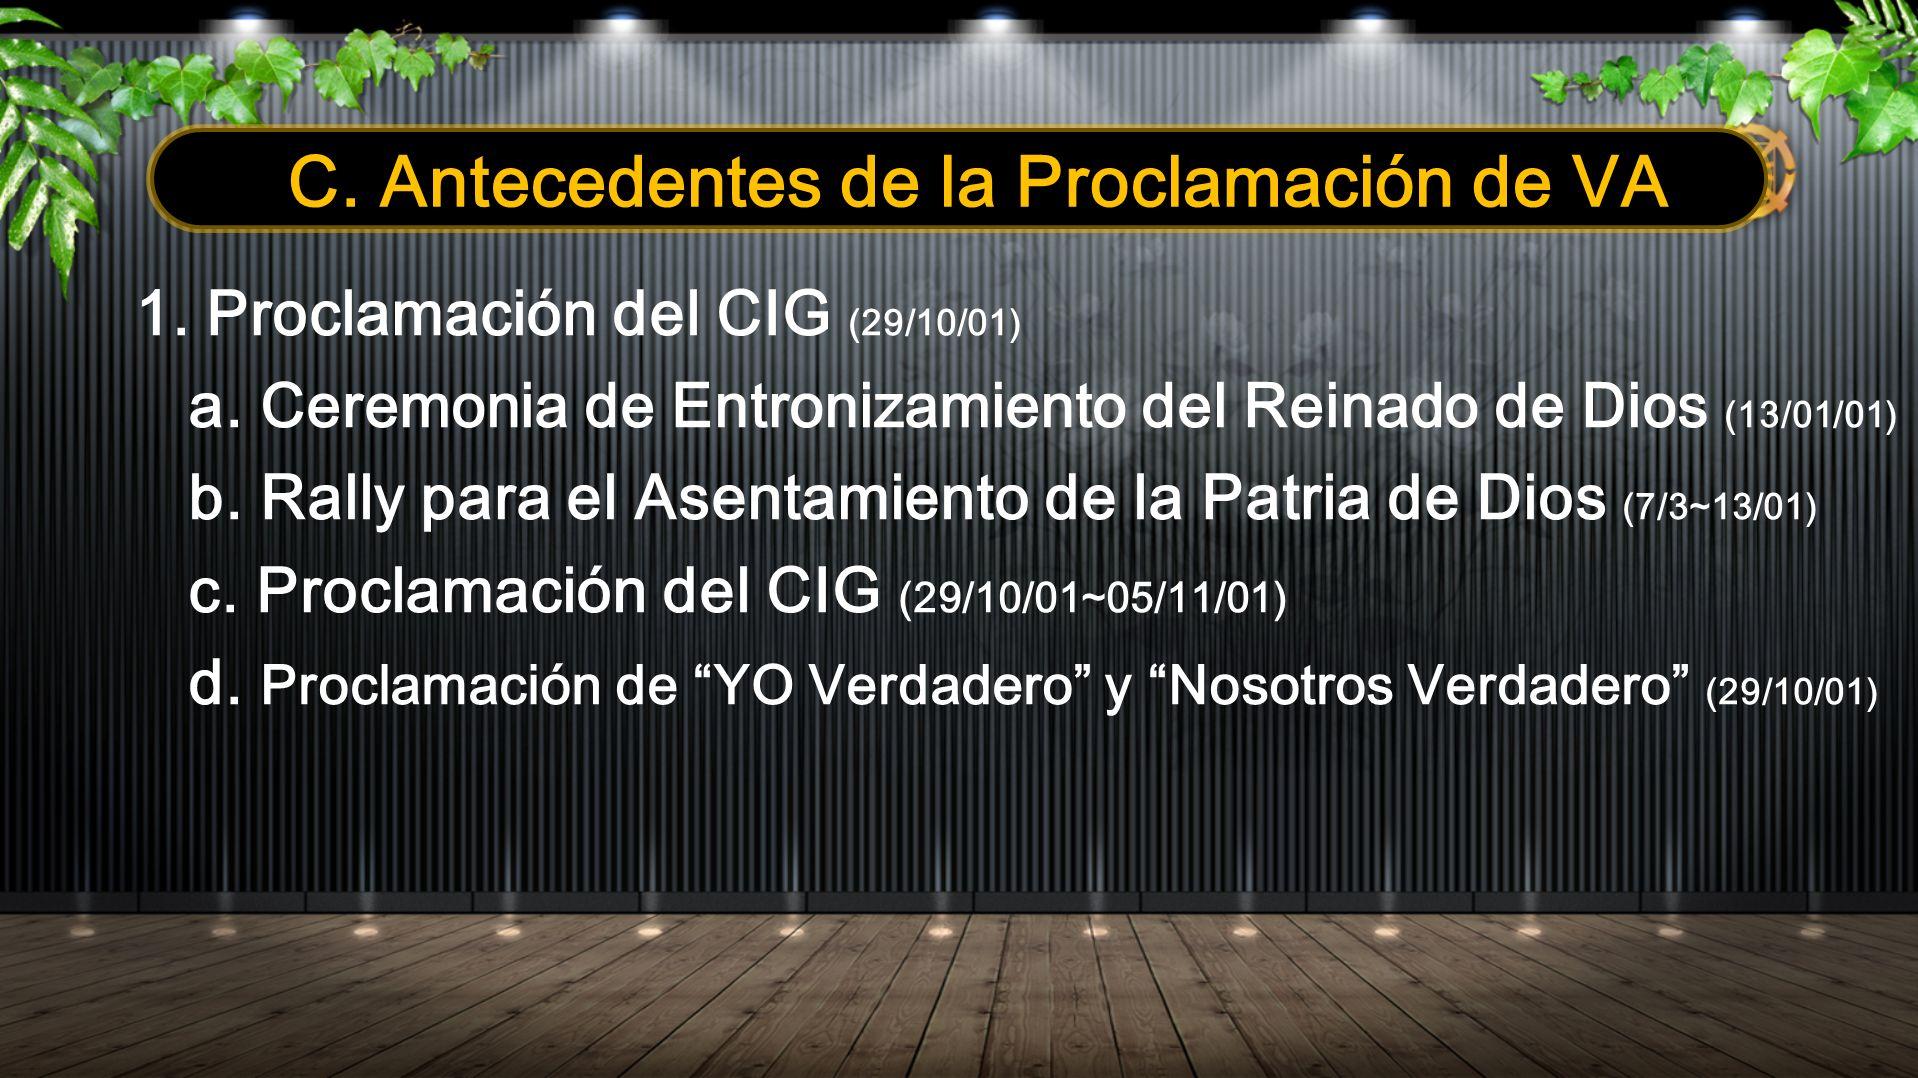 C. Antecedentes de la Proclamación de VA 1. Proclamación del CIG (29/10/01) a. Ceremonia de Entronizamiento del Reinado de Dios (13/01/01) b. Rally pa